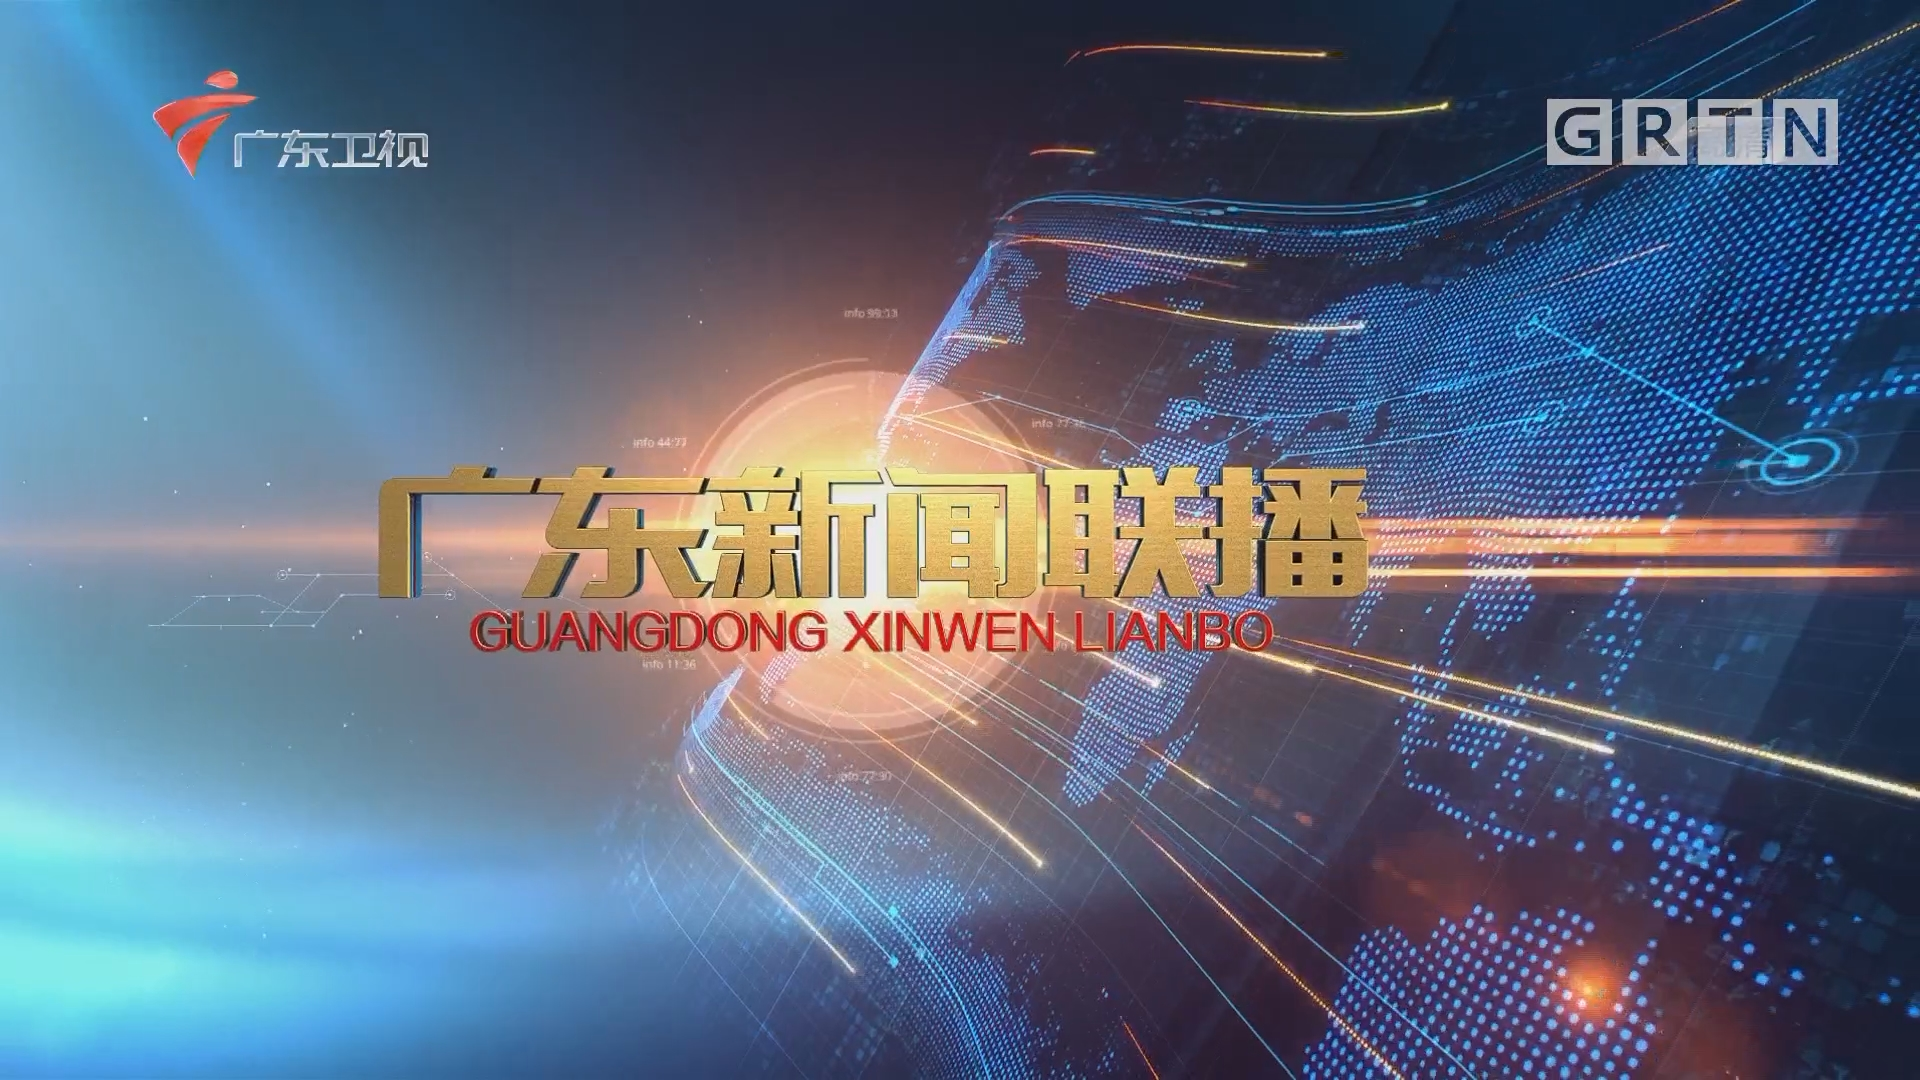 [HD][2018-03-01]广东新闻联播:《推进国家治理现代化的一场深刻变革——论学习贯彻党的十九届三中全会精神》